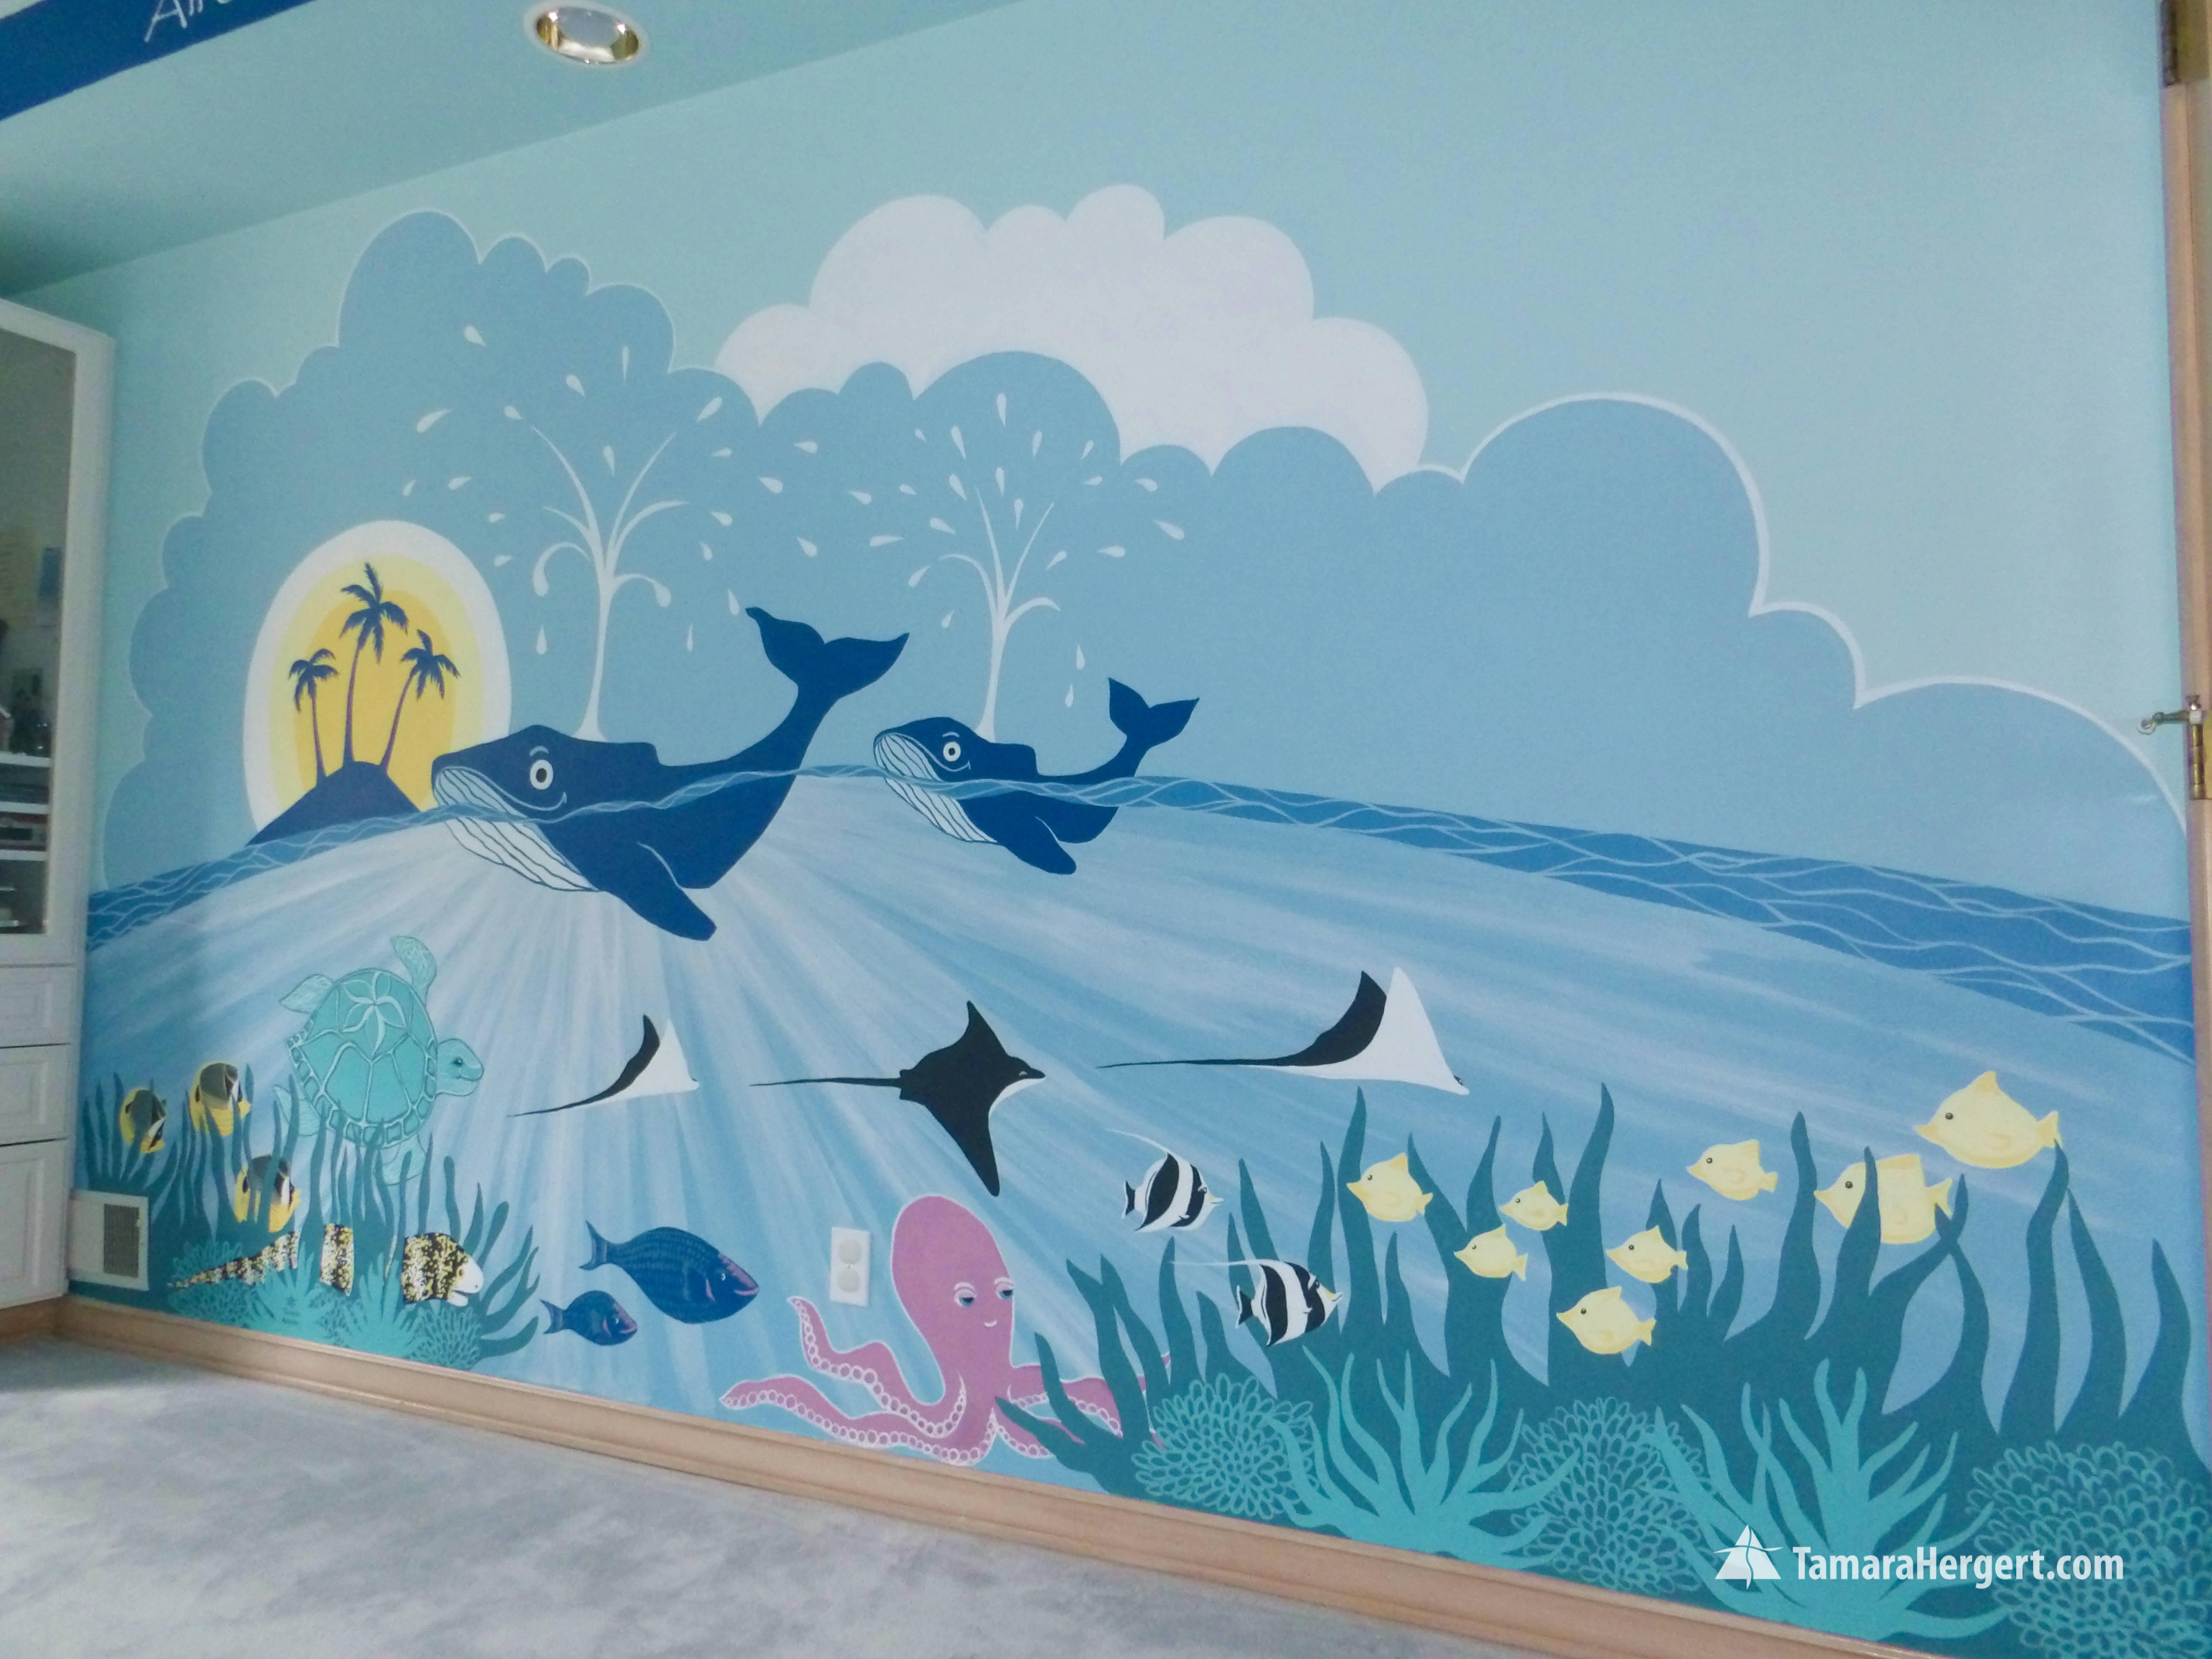 Sealife mural by Tamara Hergert 4